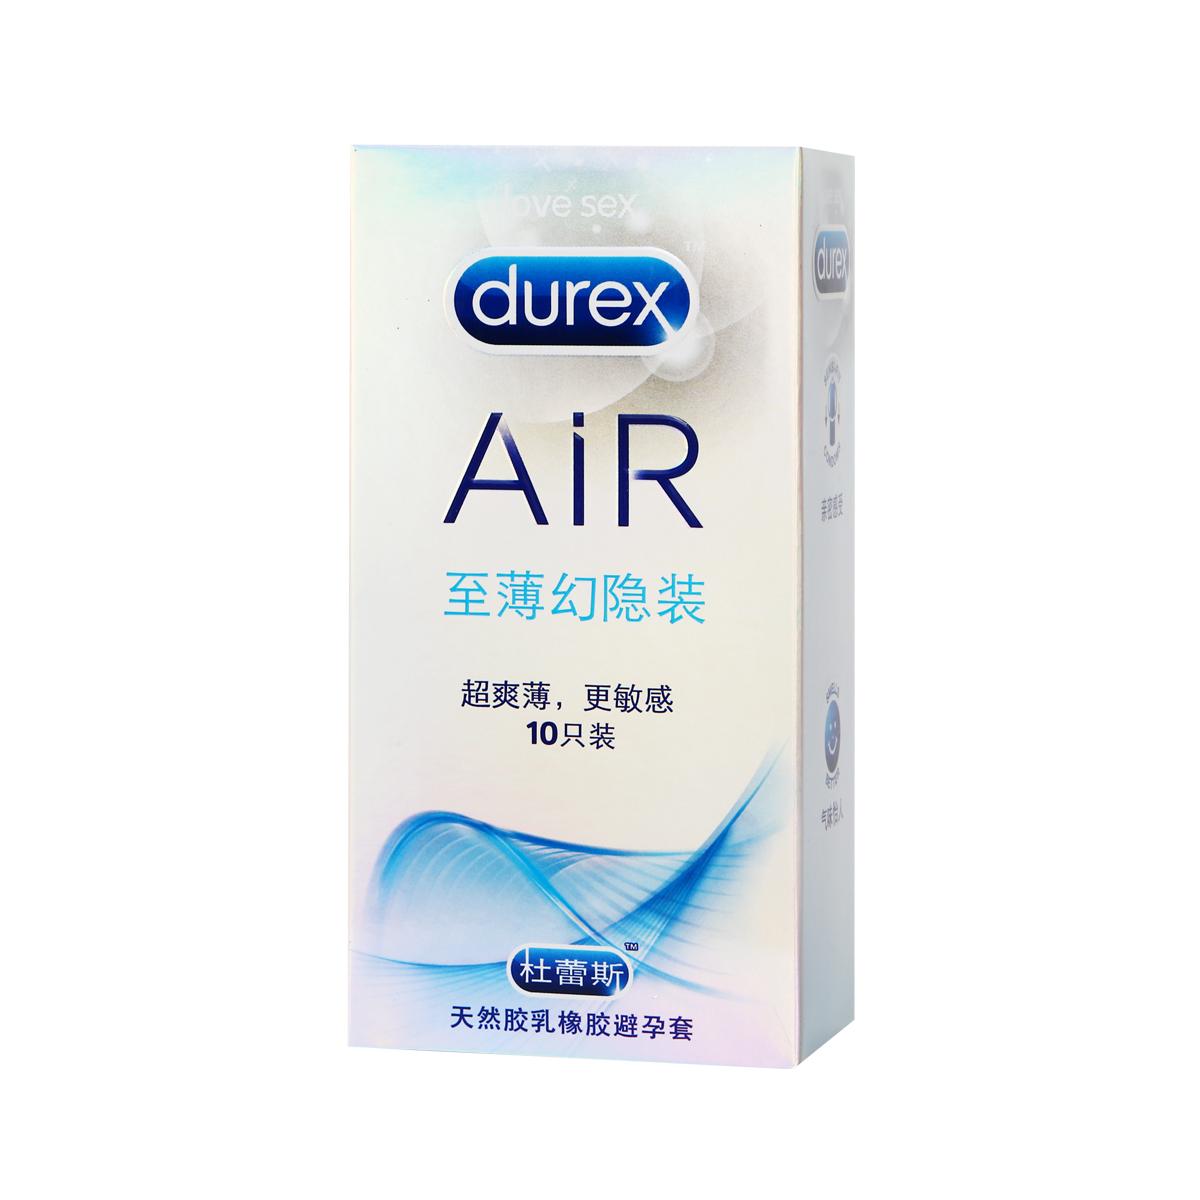 限时2件3折买送】杜蕾斯AIR空气套至薄幻隐装超薄避孕套10只装情趣成人用品